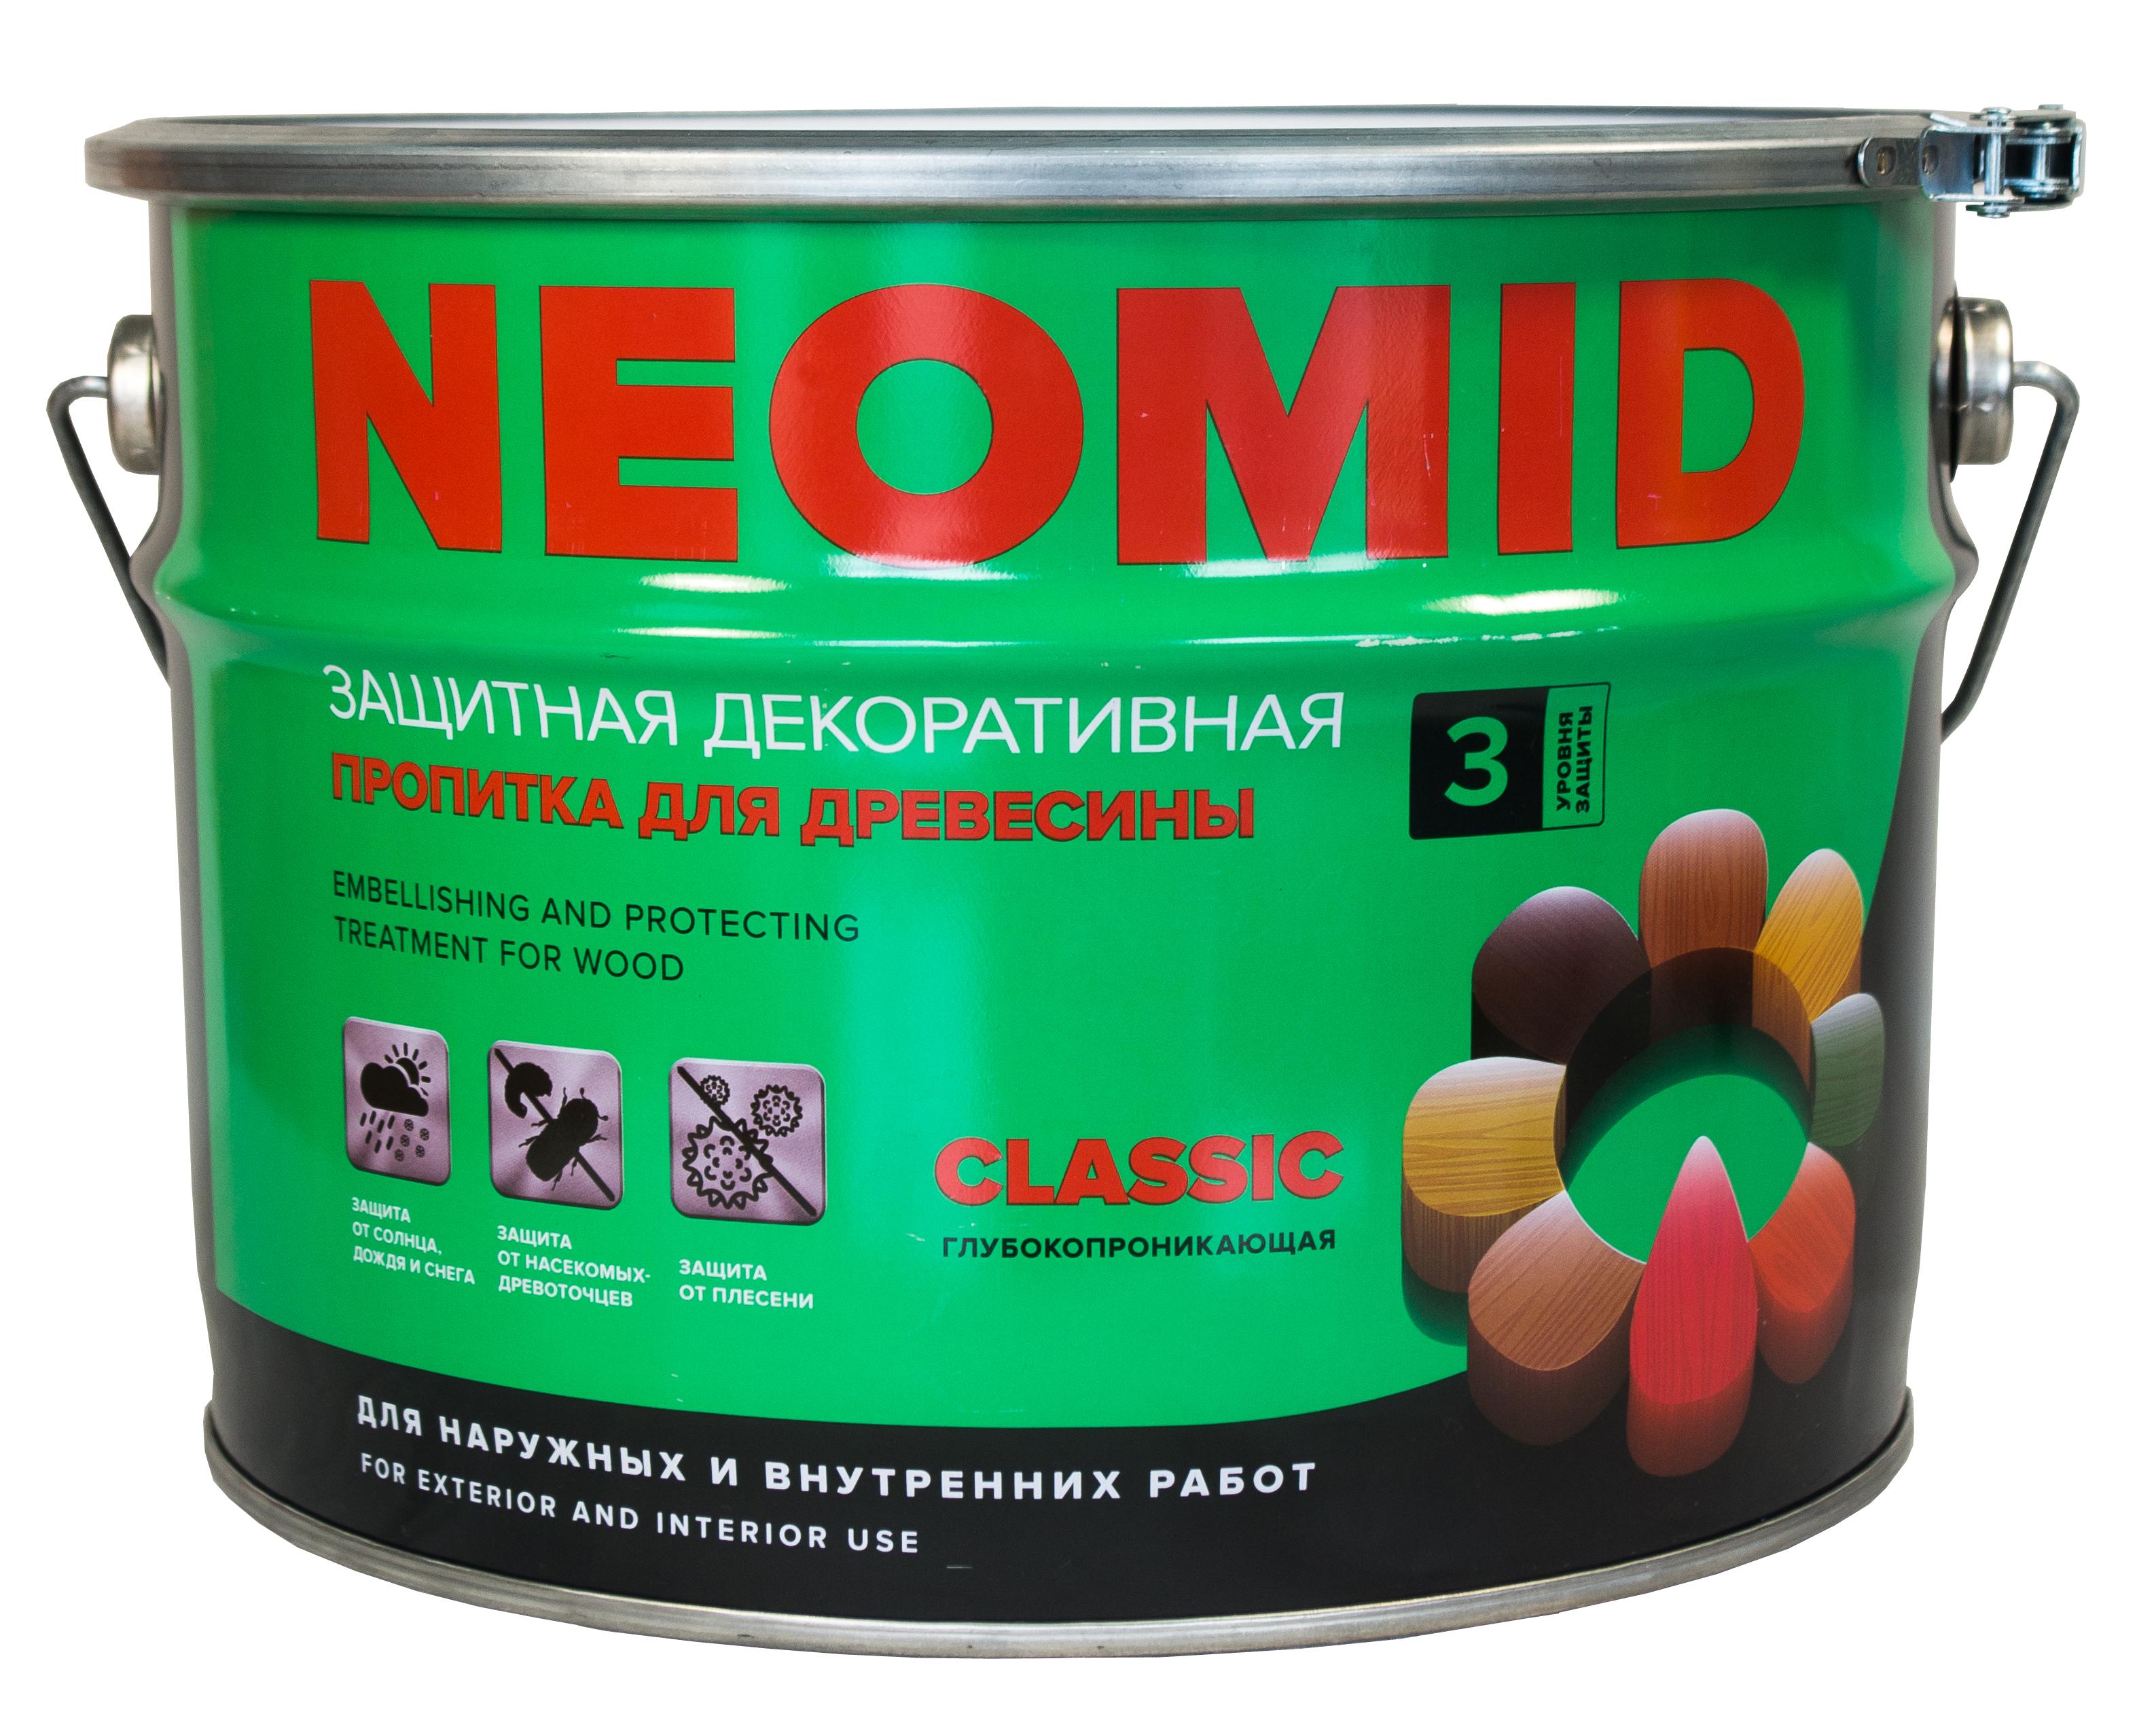 Neomid, 2.7 л, Пропитка деревозащитная глубокопроникающая